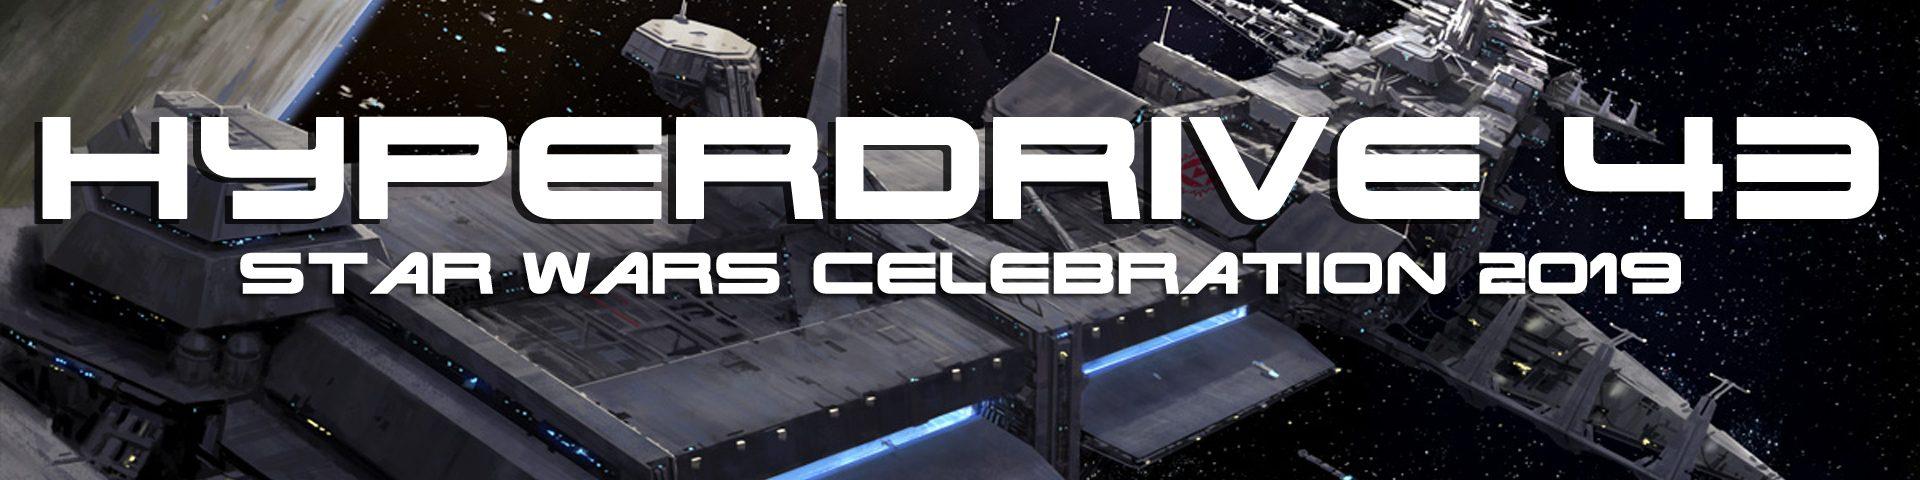 hyperdrive podcast star wars celebration 2019